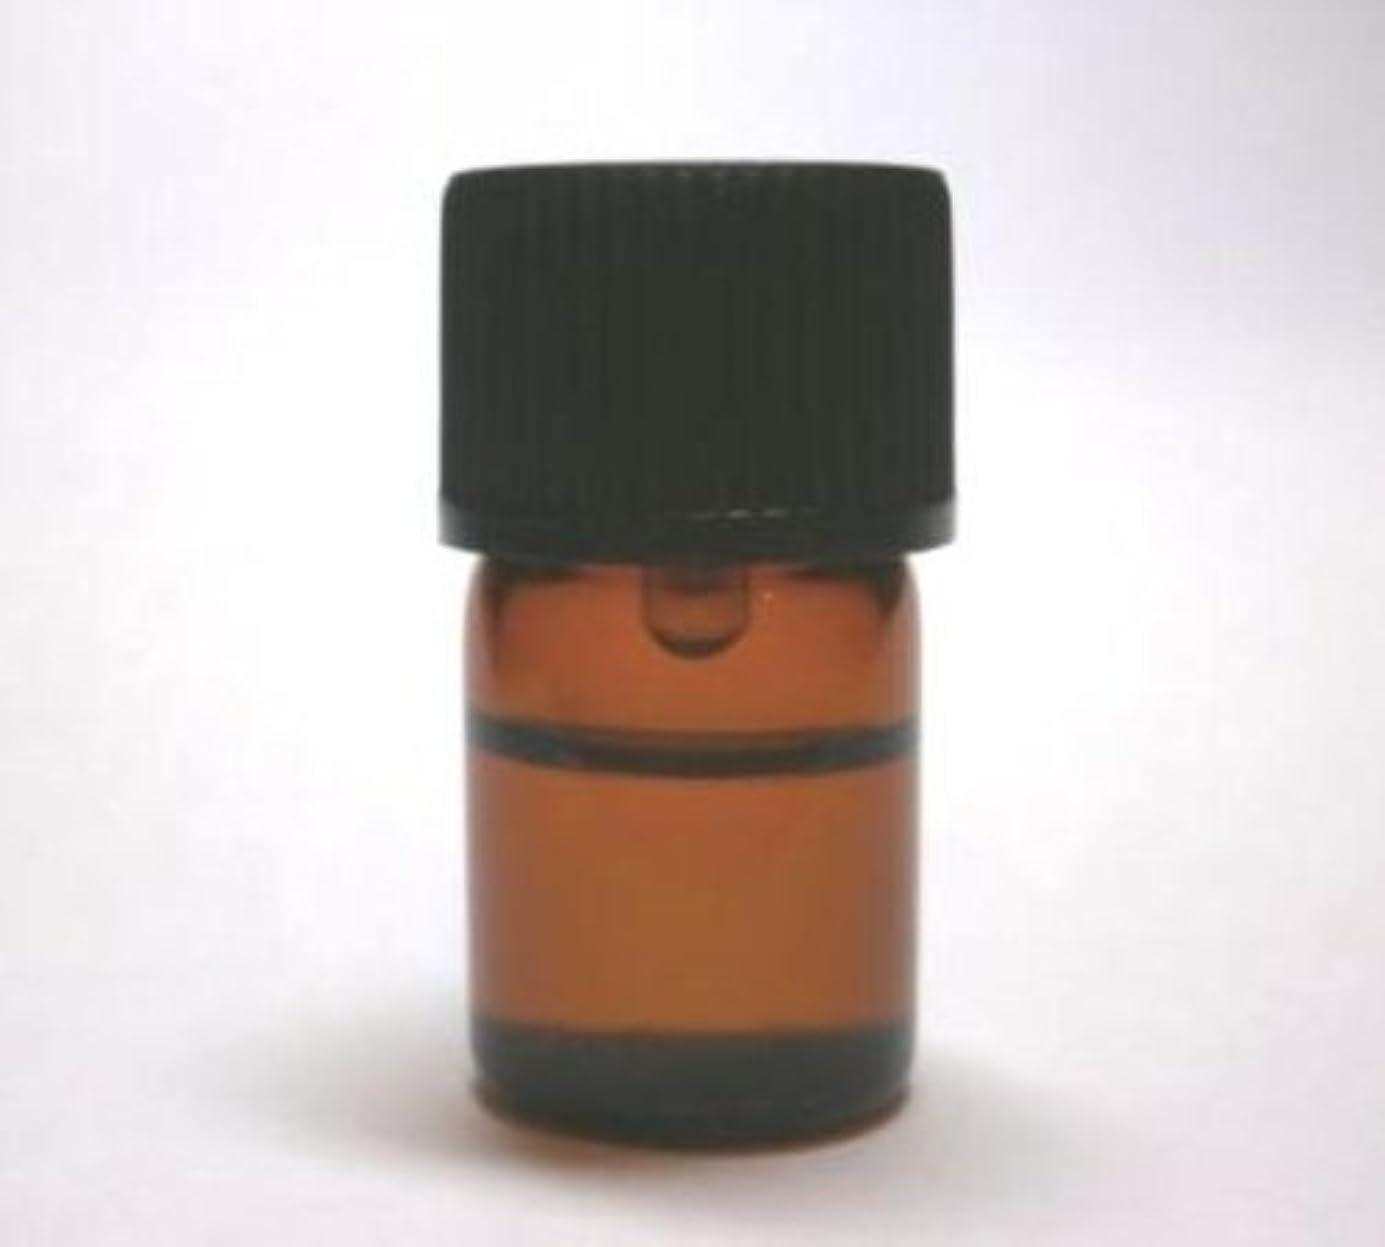 ボットリマークトピックローズオットー100%:3ml/ローズエッセンシャルオイル/ローズ精油/ローズオイル